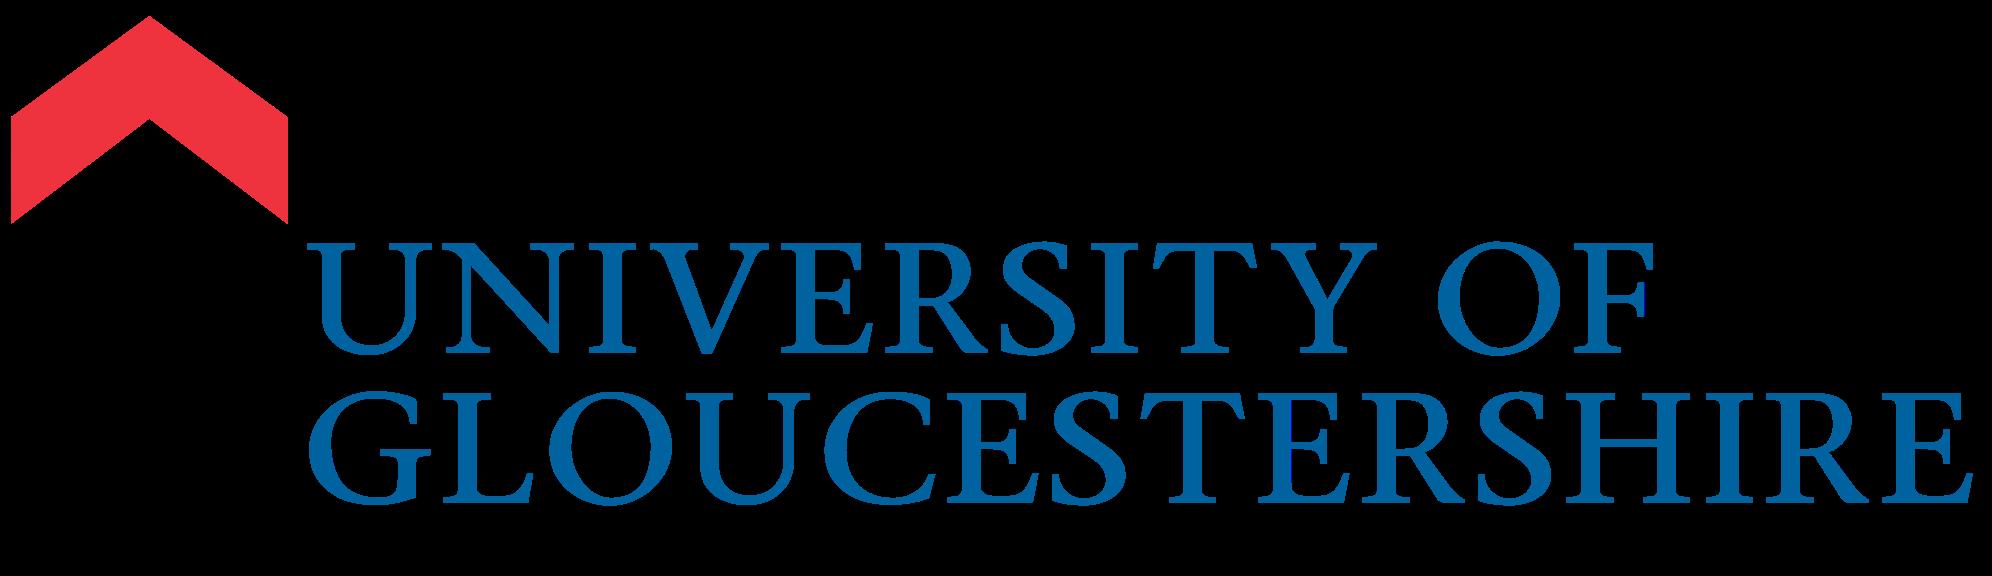 University of Gloucestershire